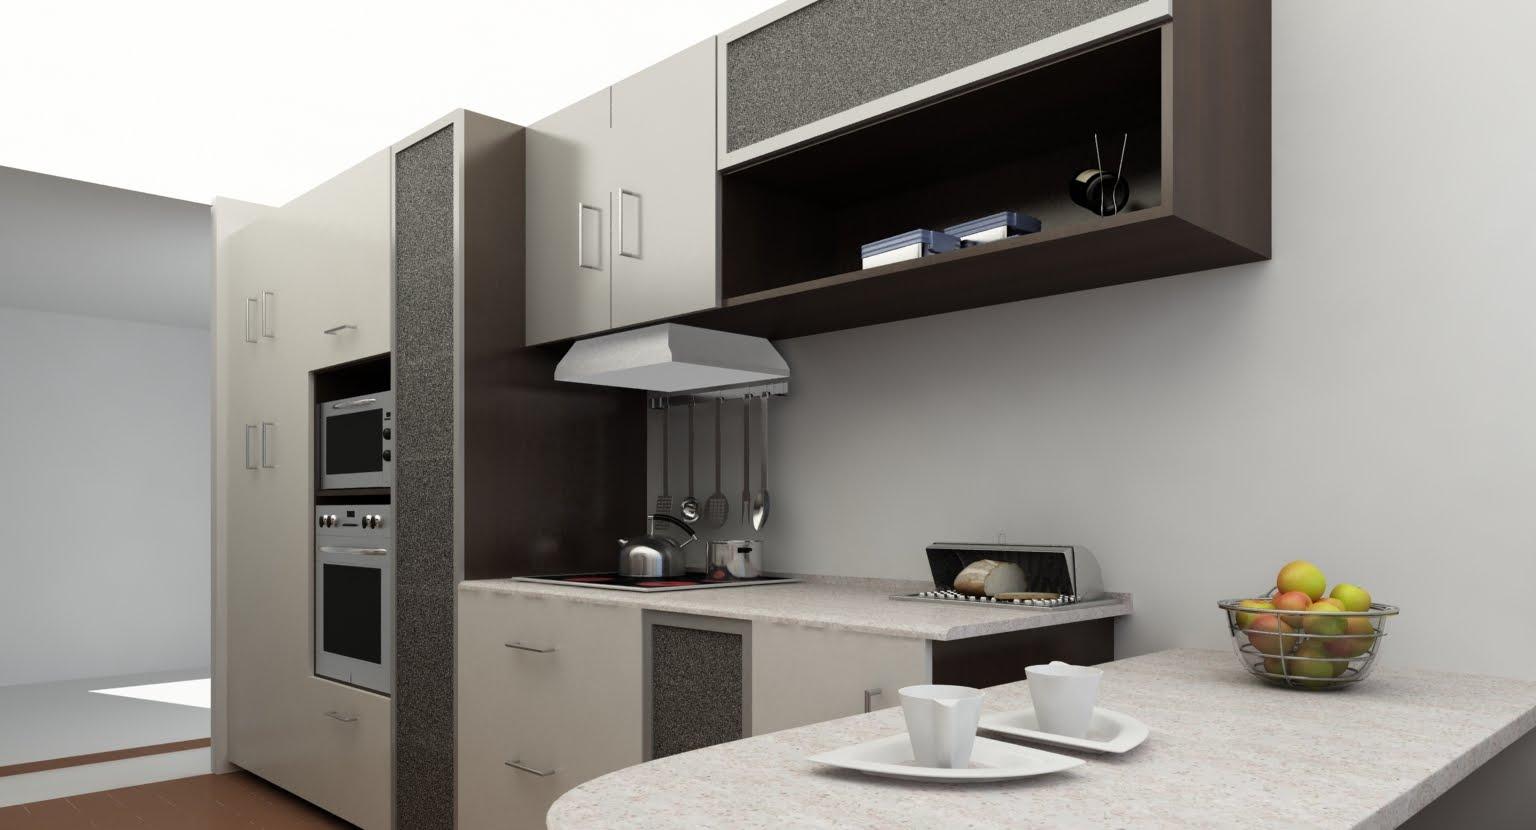 Conceptoaro dise o fabricacion de muebles propuesta de for Muebles de departamento